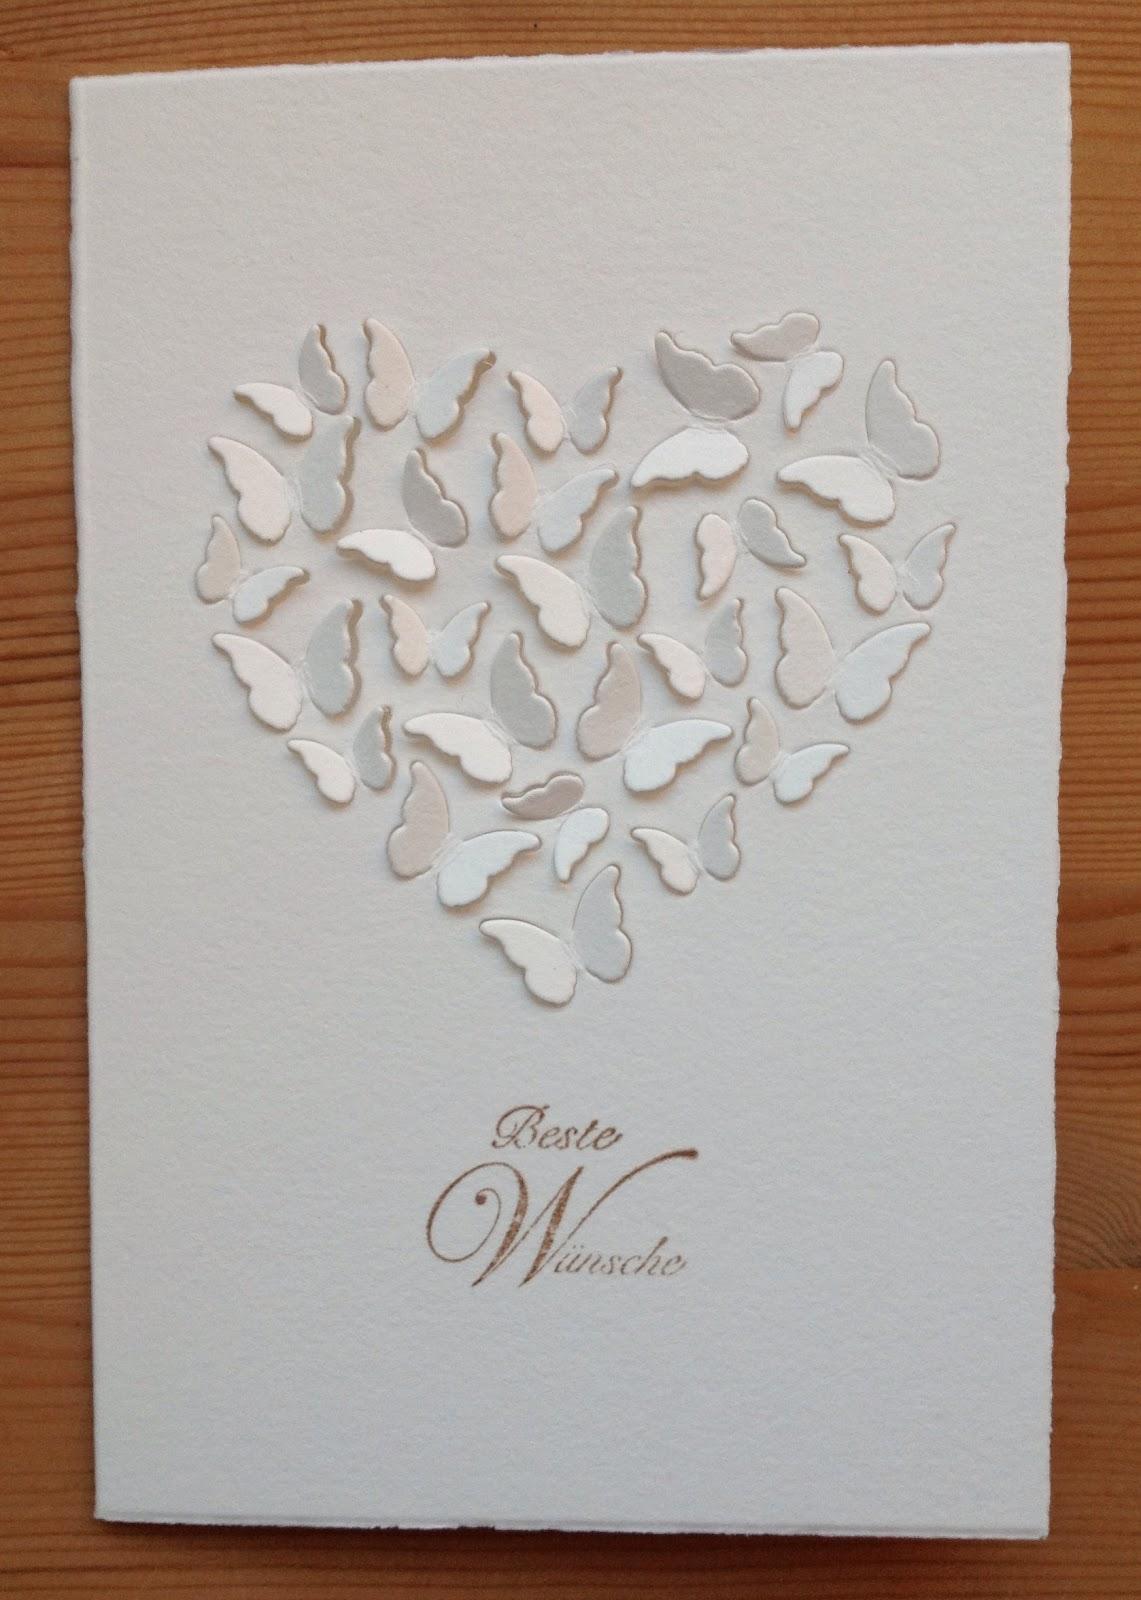 Memory Box Stanzform Herz & Schmetterlinge, Schriftstempel La Blanche